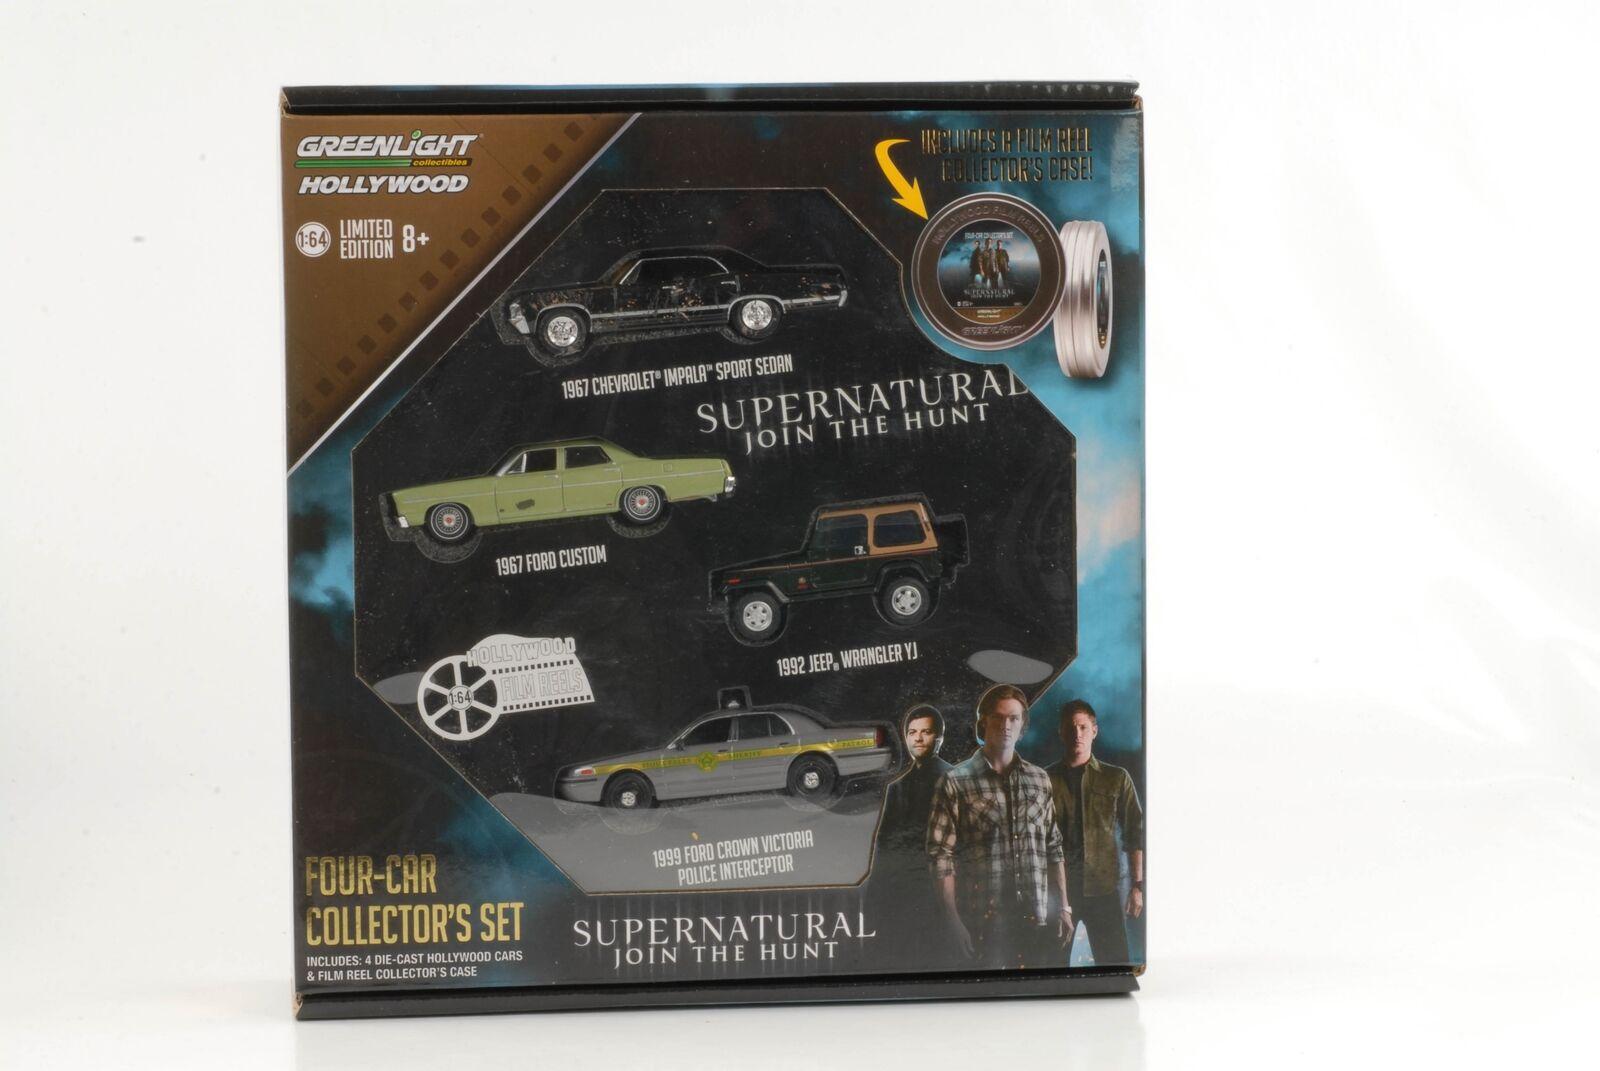 Movie Supernatural Join the hunt Gift Filmrolle Set Set Set 4 car 1 64 Greenlight 1ea8e6